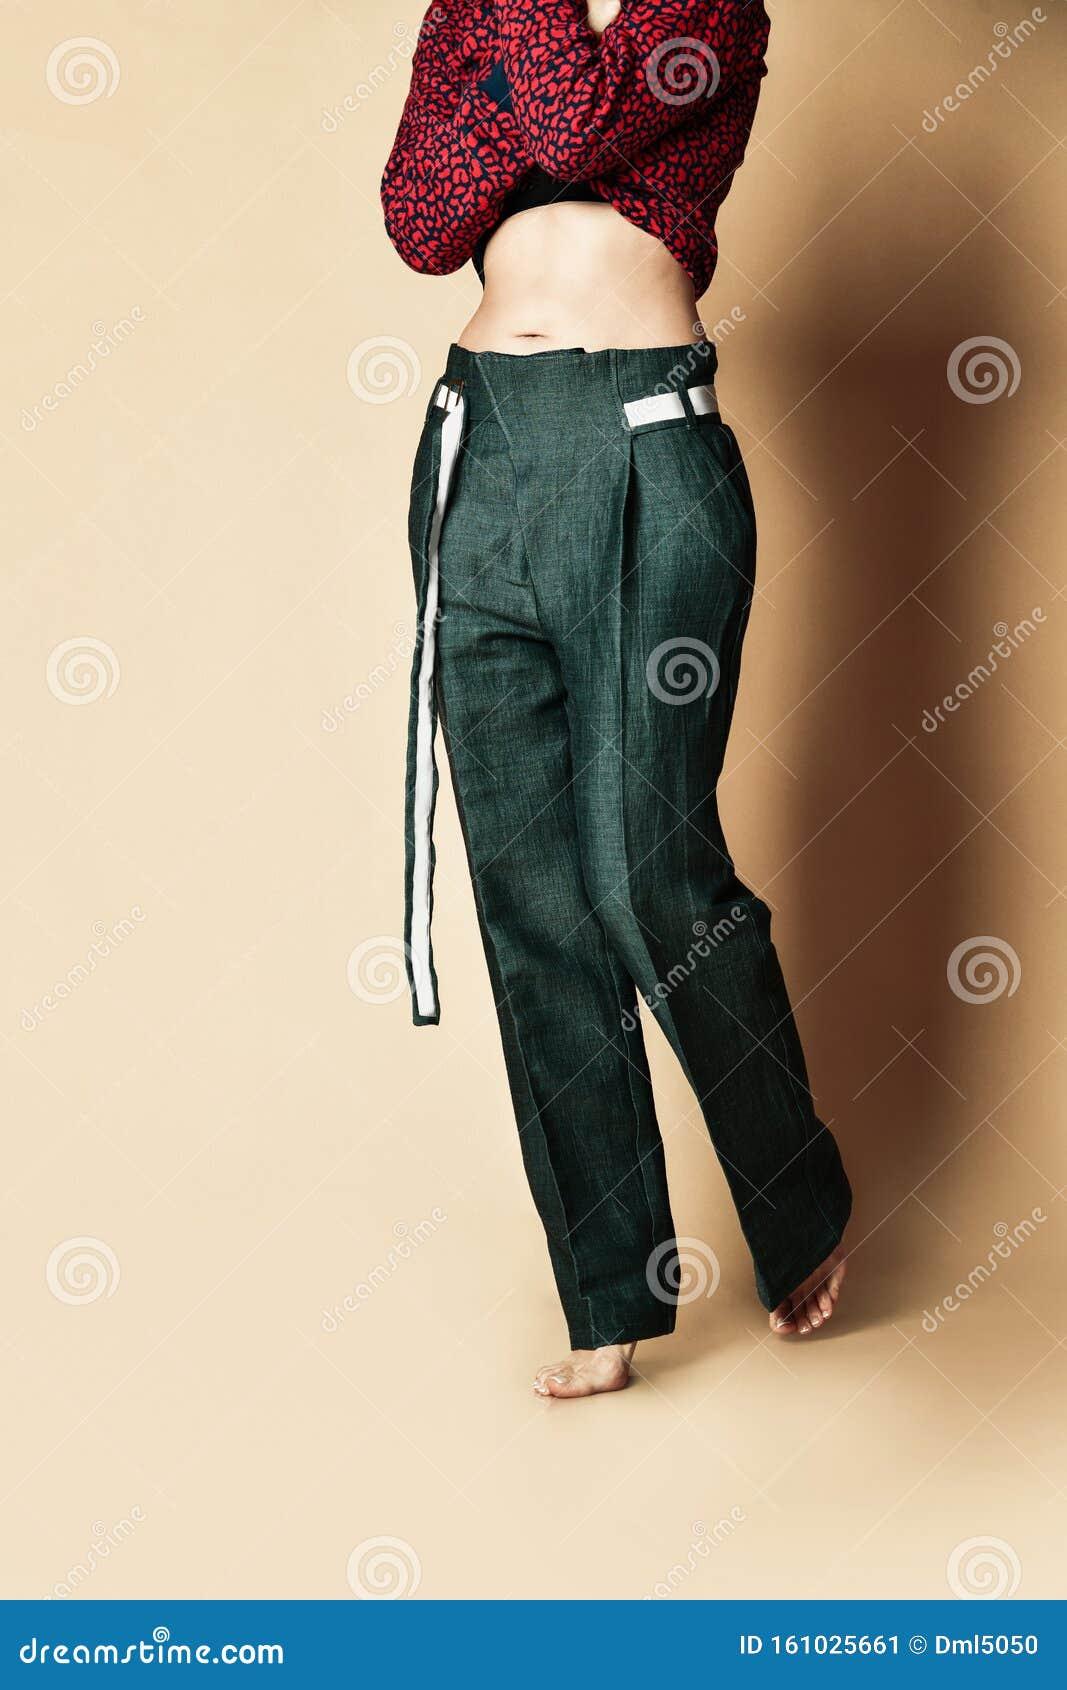 Nuevo Diseno Mujer Pantalones Verdes Ropa De Mujer Casual Con Cinturon En Beige Imagen De Archivo Imagen De Nuevo Mujer 161025661